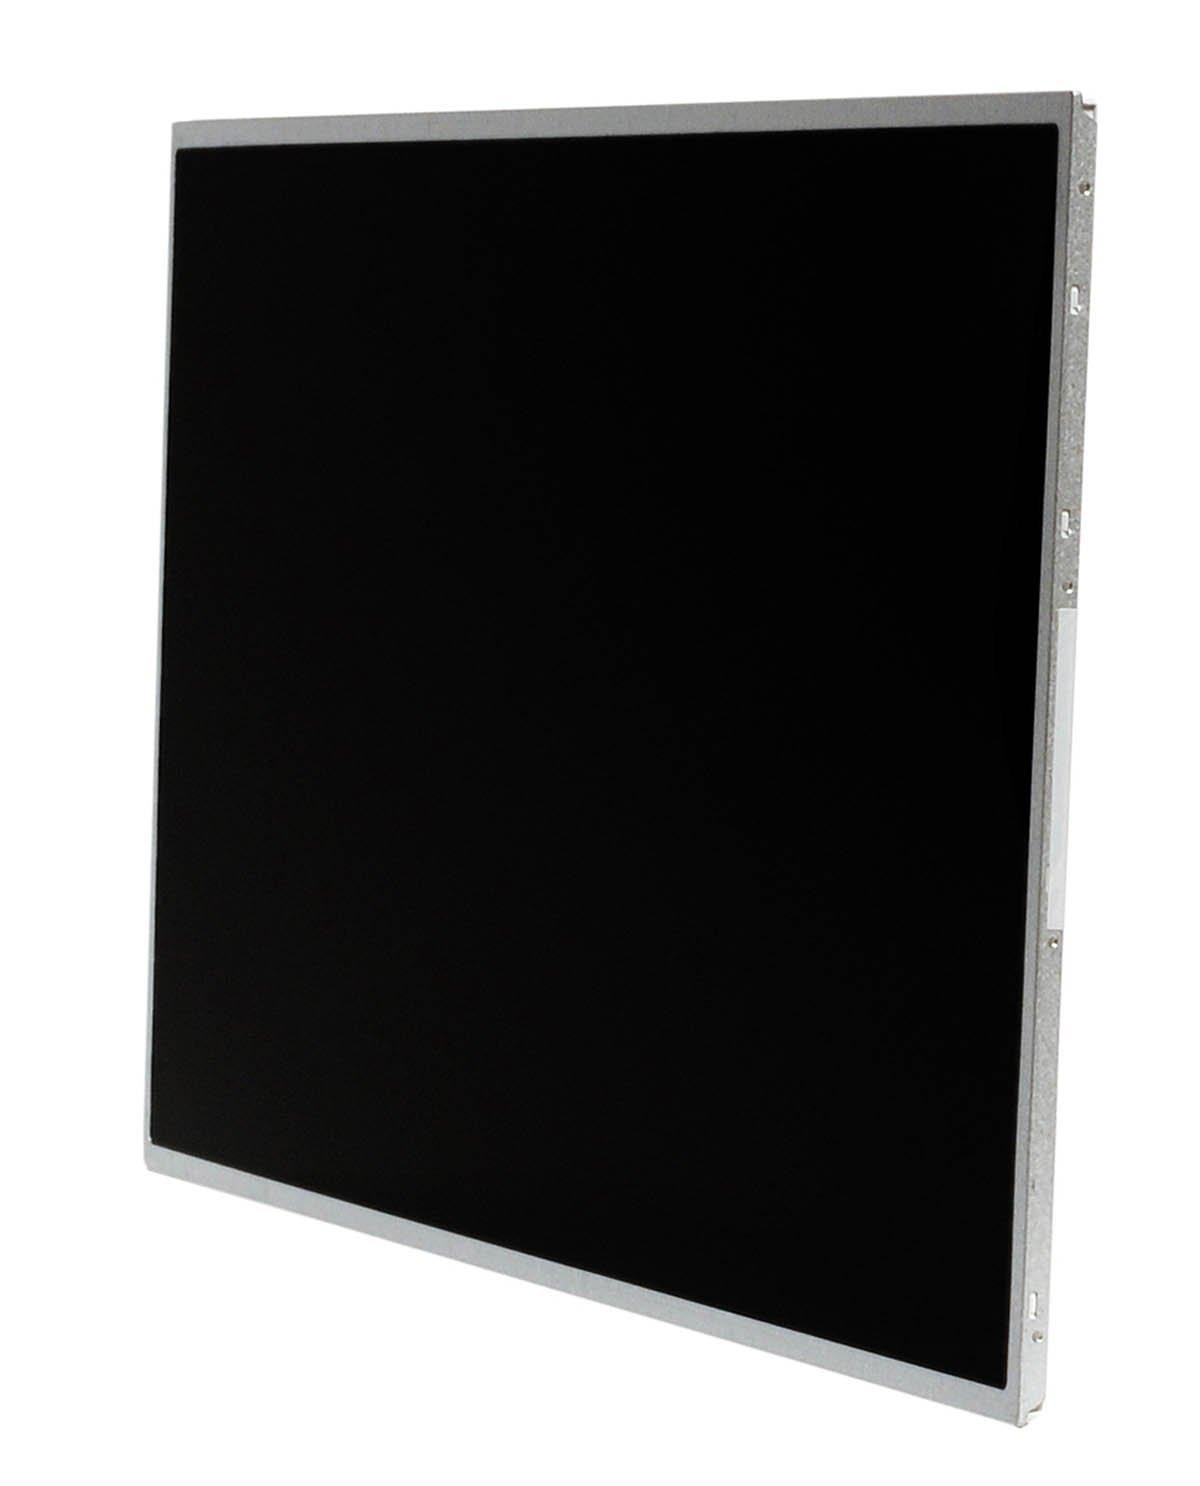 """Здесь можно купить  for Acer Aspire V5-531-10174G50Mabb Laptop Display LED 15.6"""" WXGA LCD Screen New  Компьютер & сеть"""